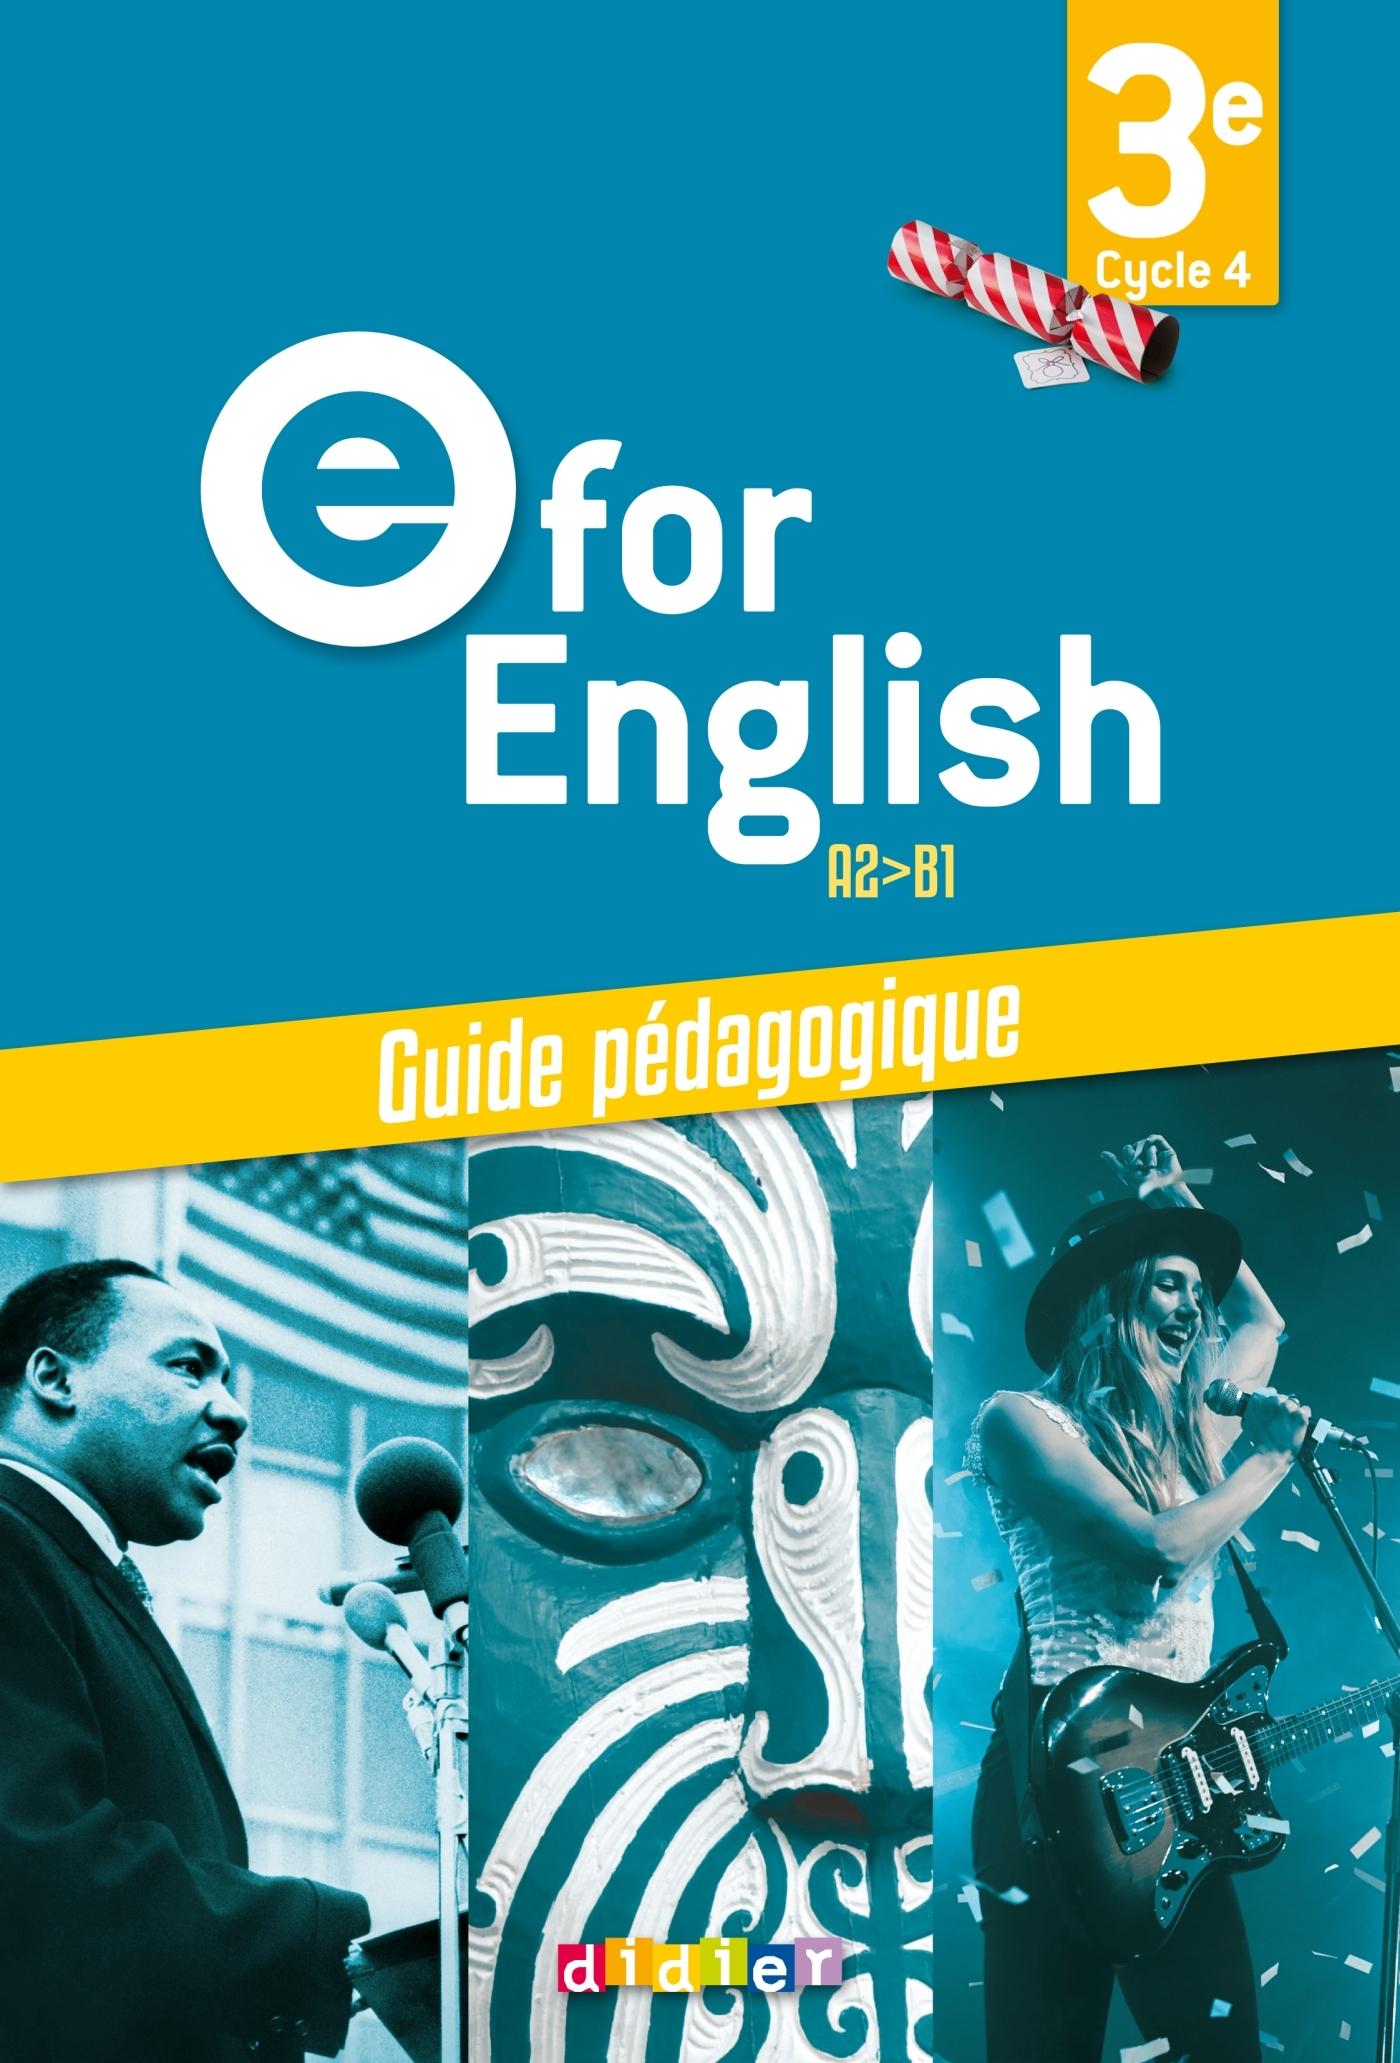 E FOR ENGLISH 3E (ED. 2017) - GUIDE PEDAGOGIQUE - VERSION PAPIER